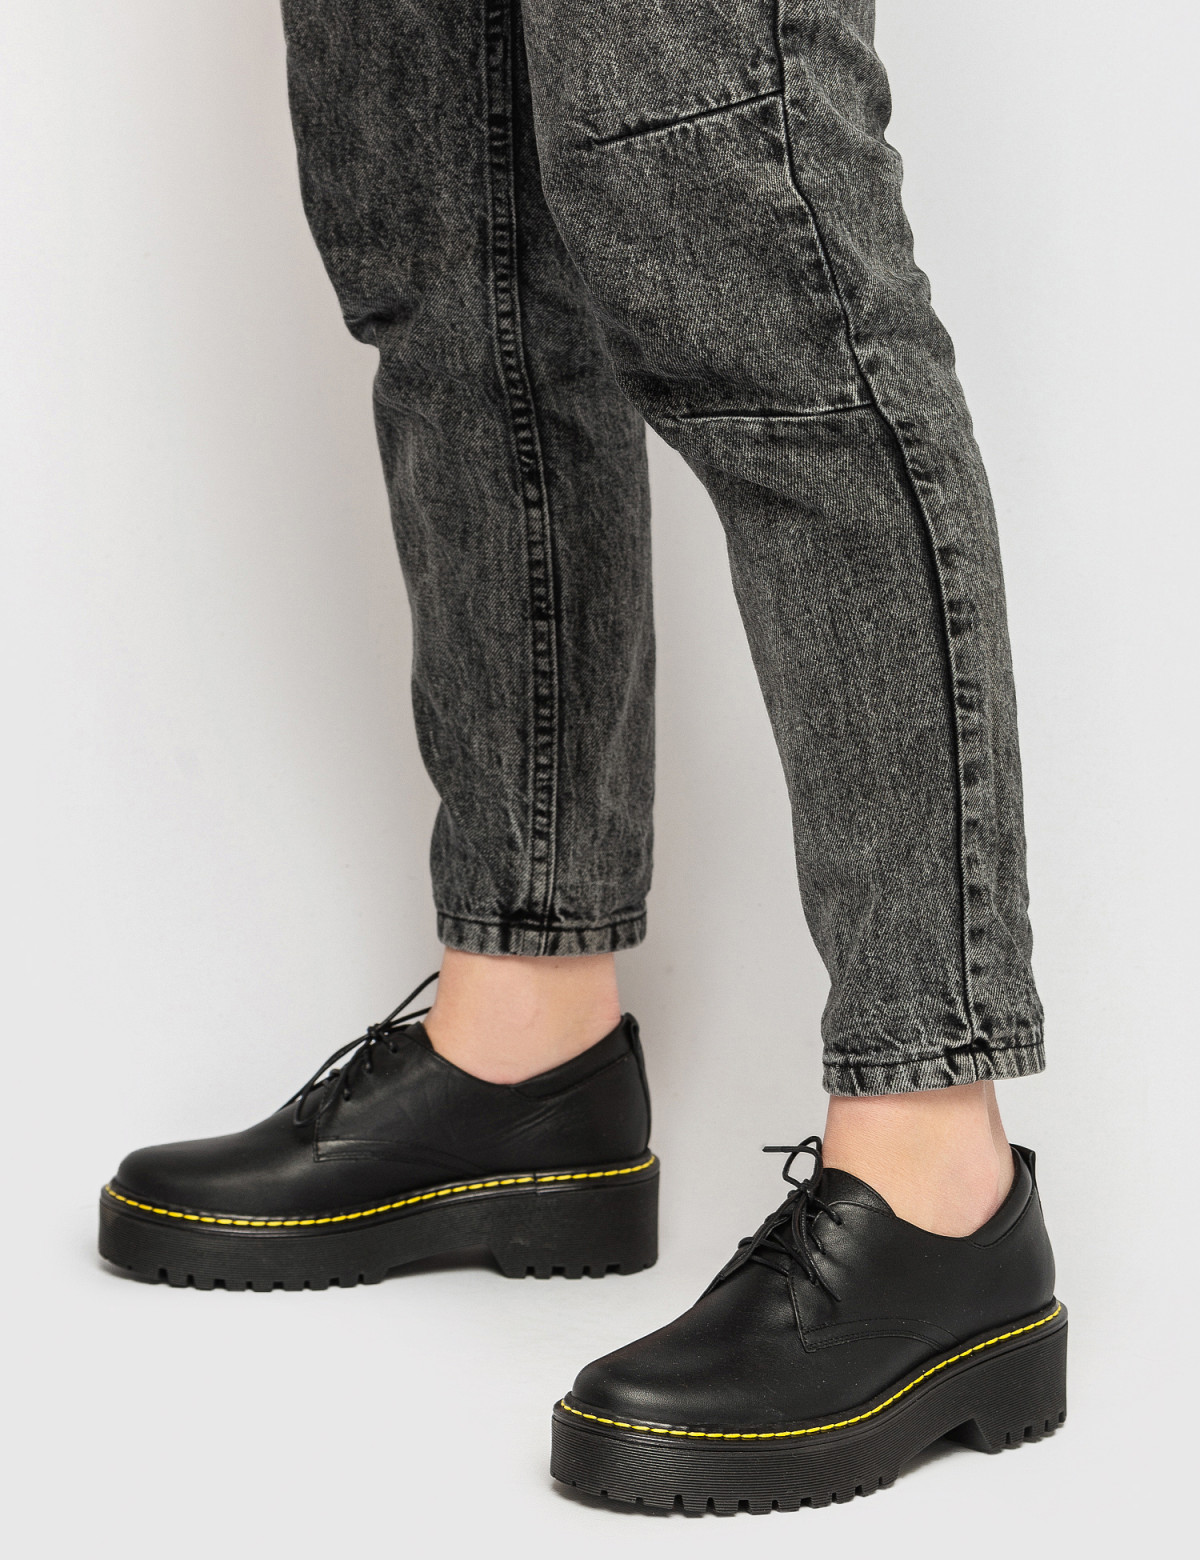 Туфлі чорні. Натуральна шкіра4